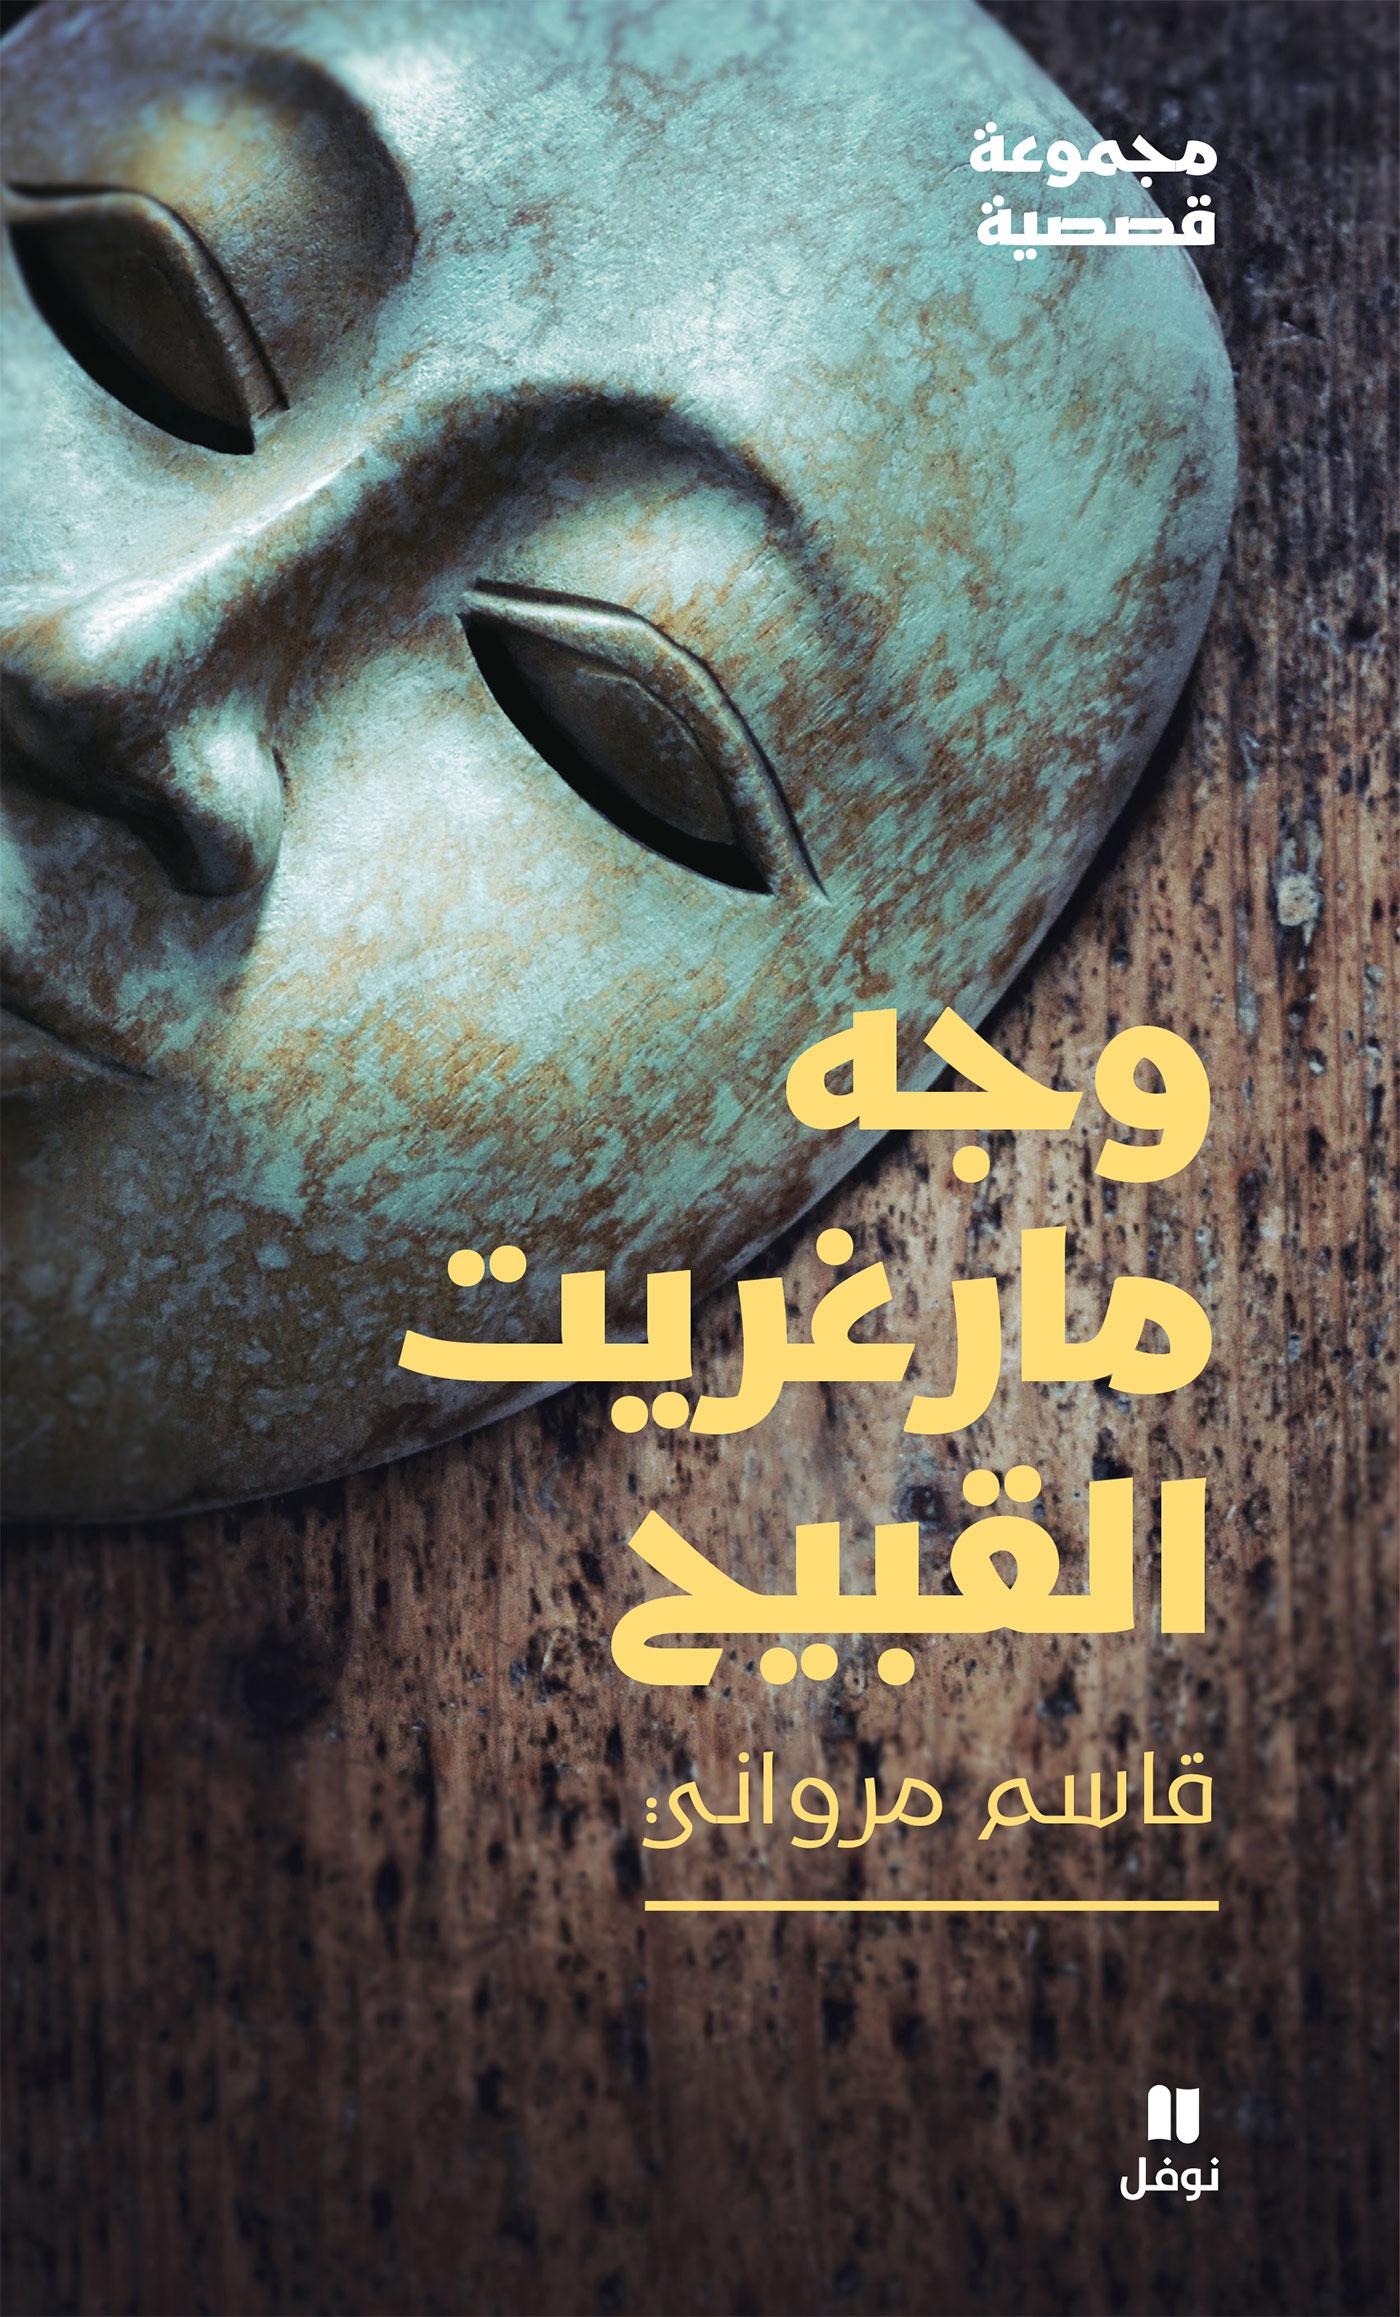 كتاب وجه مارغريت القبيح - قصة قصيرة من كتاب وجه مارغريت القبيح